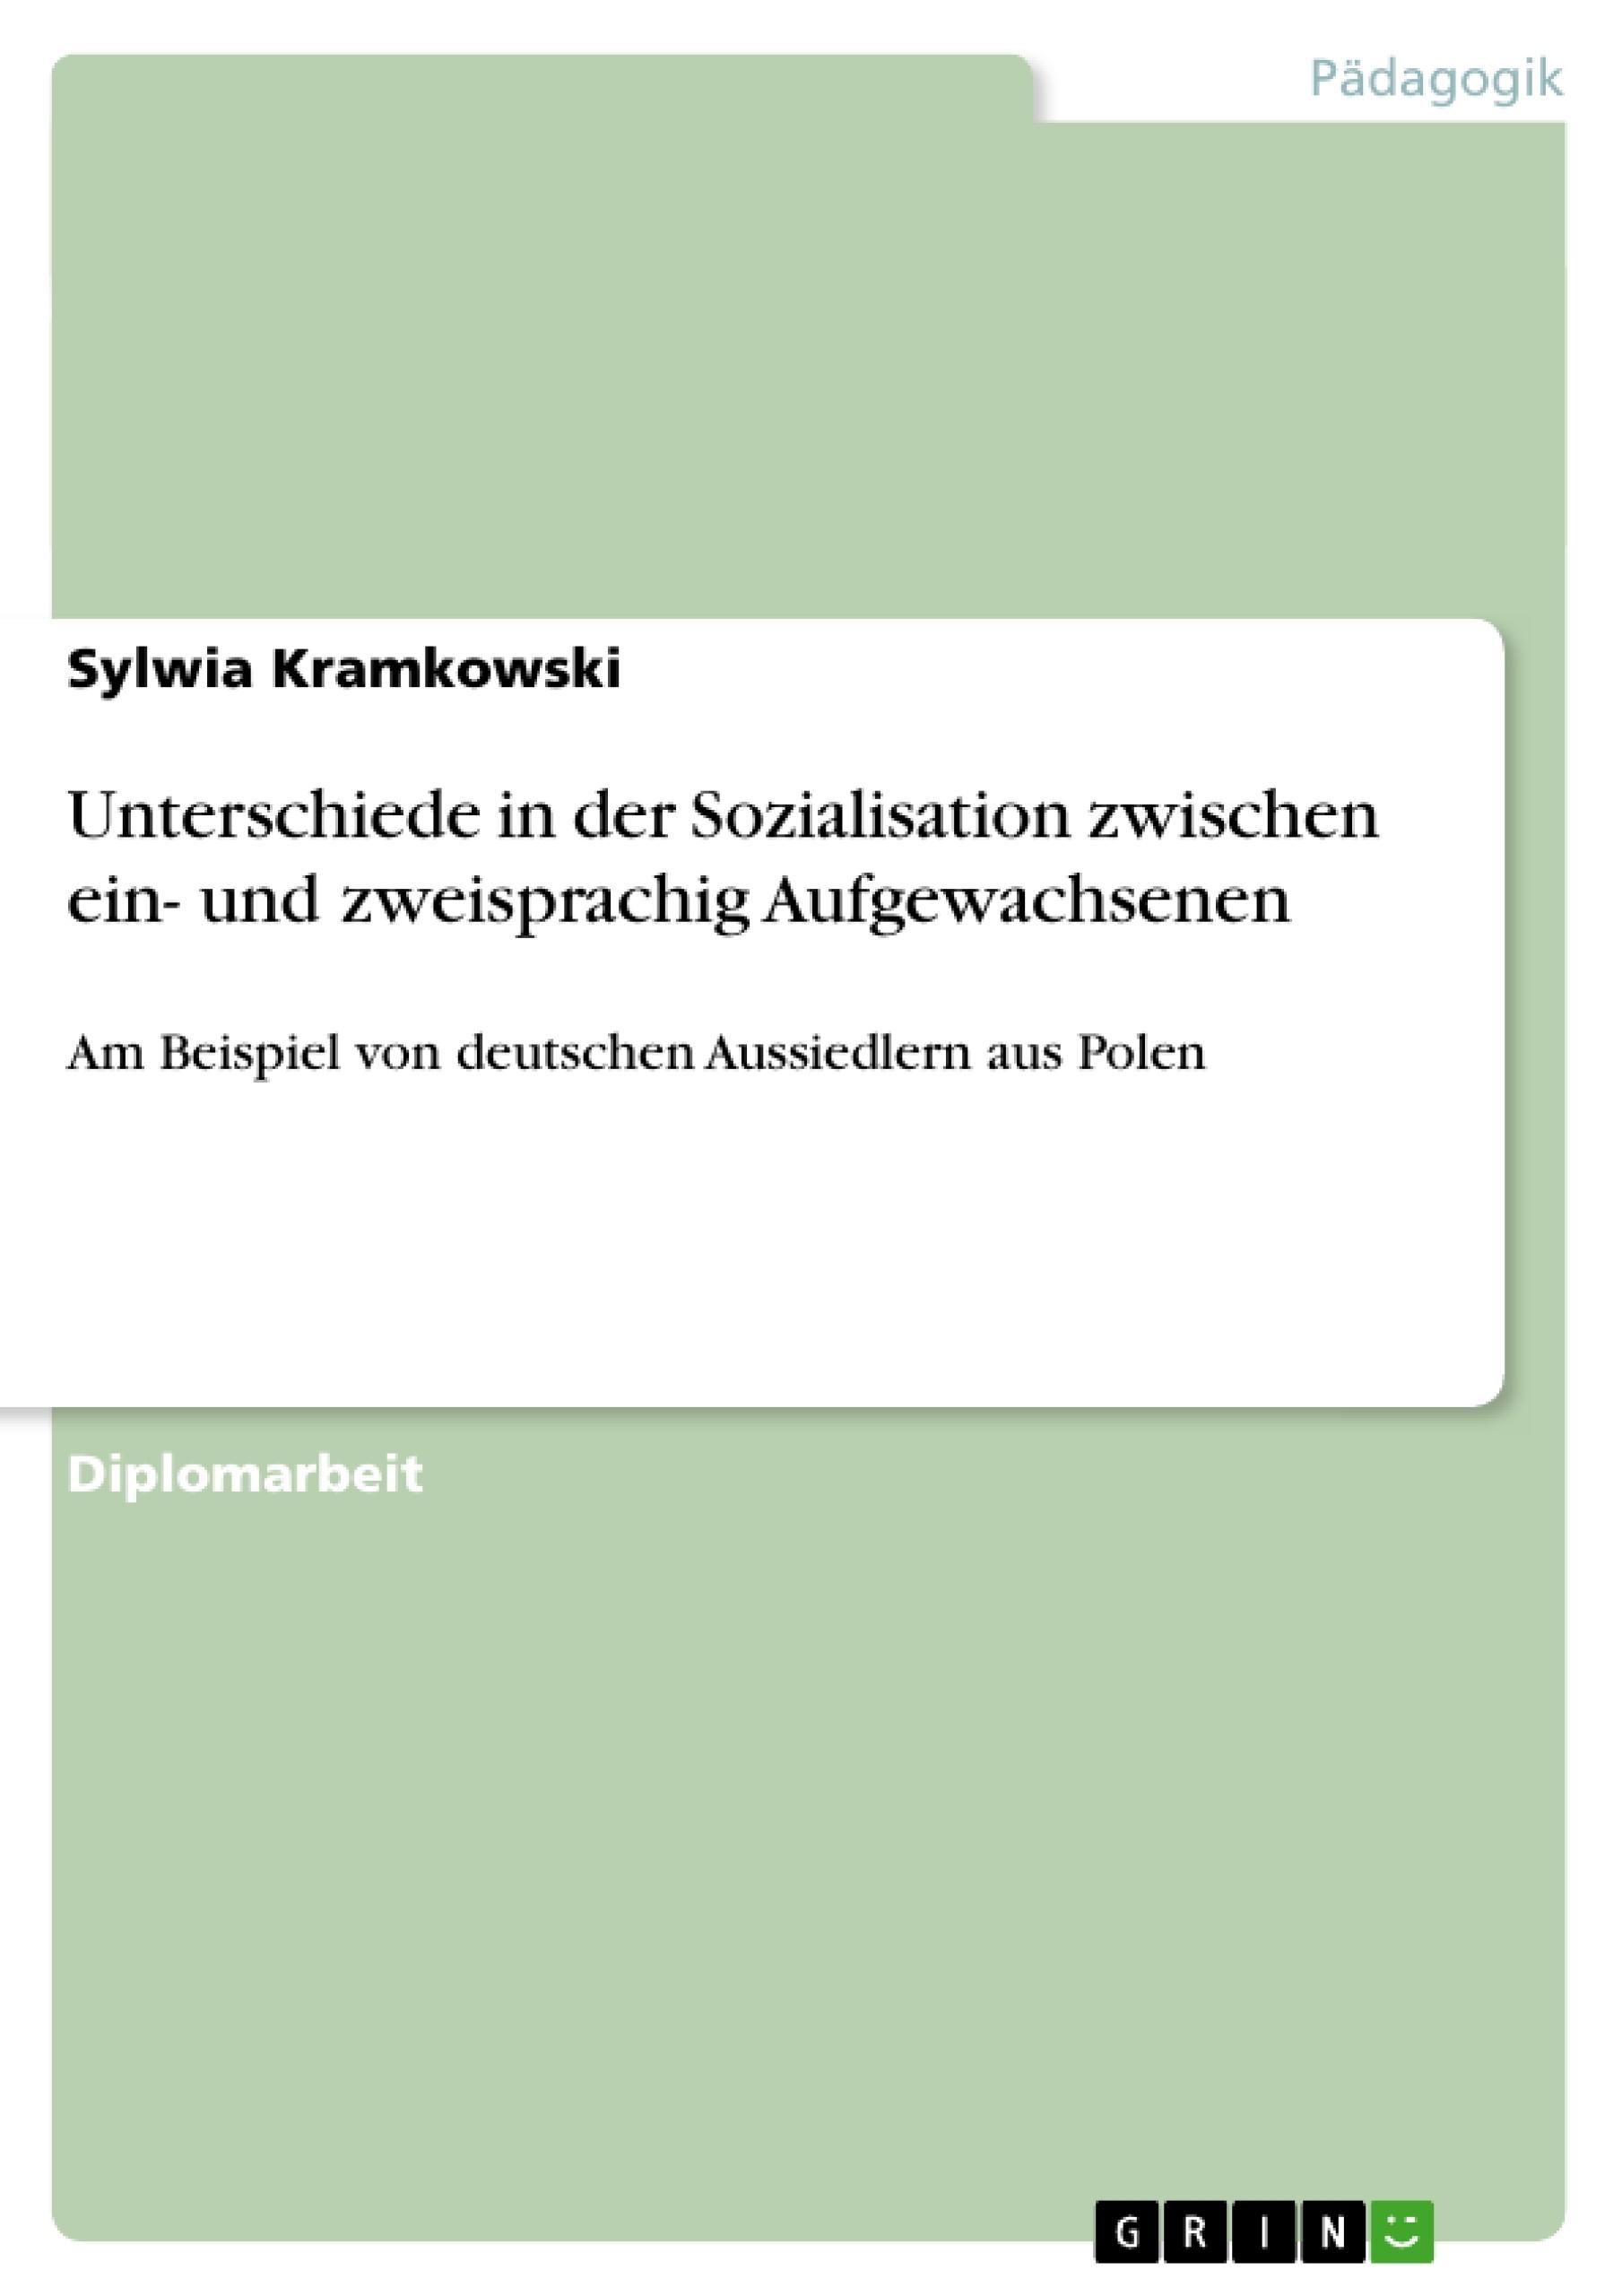 Titel: Unterschiede in der Sozialisation zwischen ein- und zweisprachig Aufgewachsenen